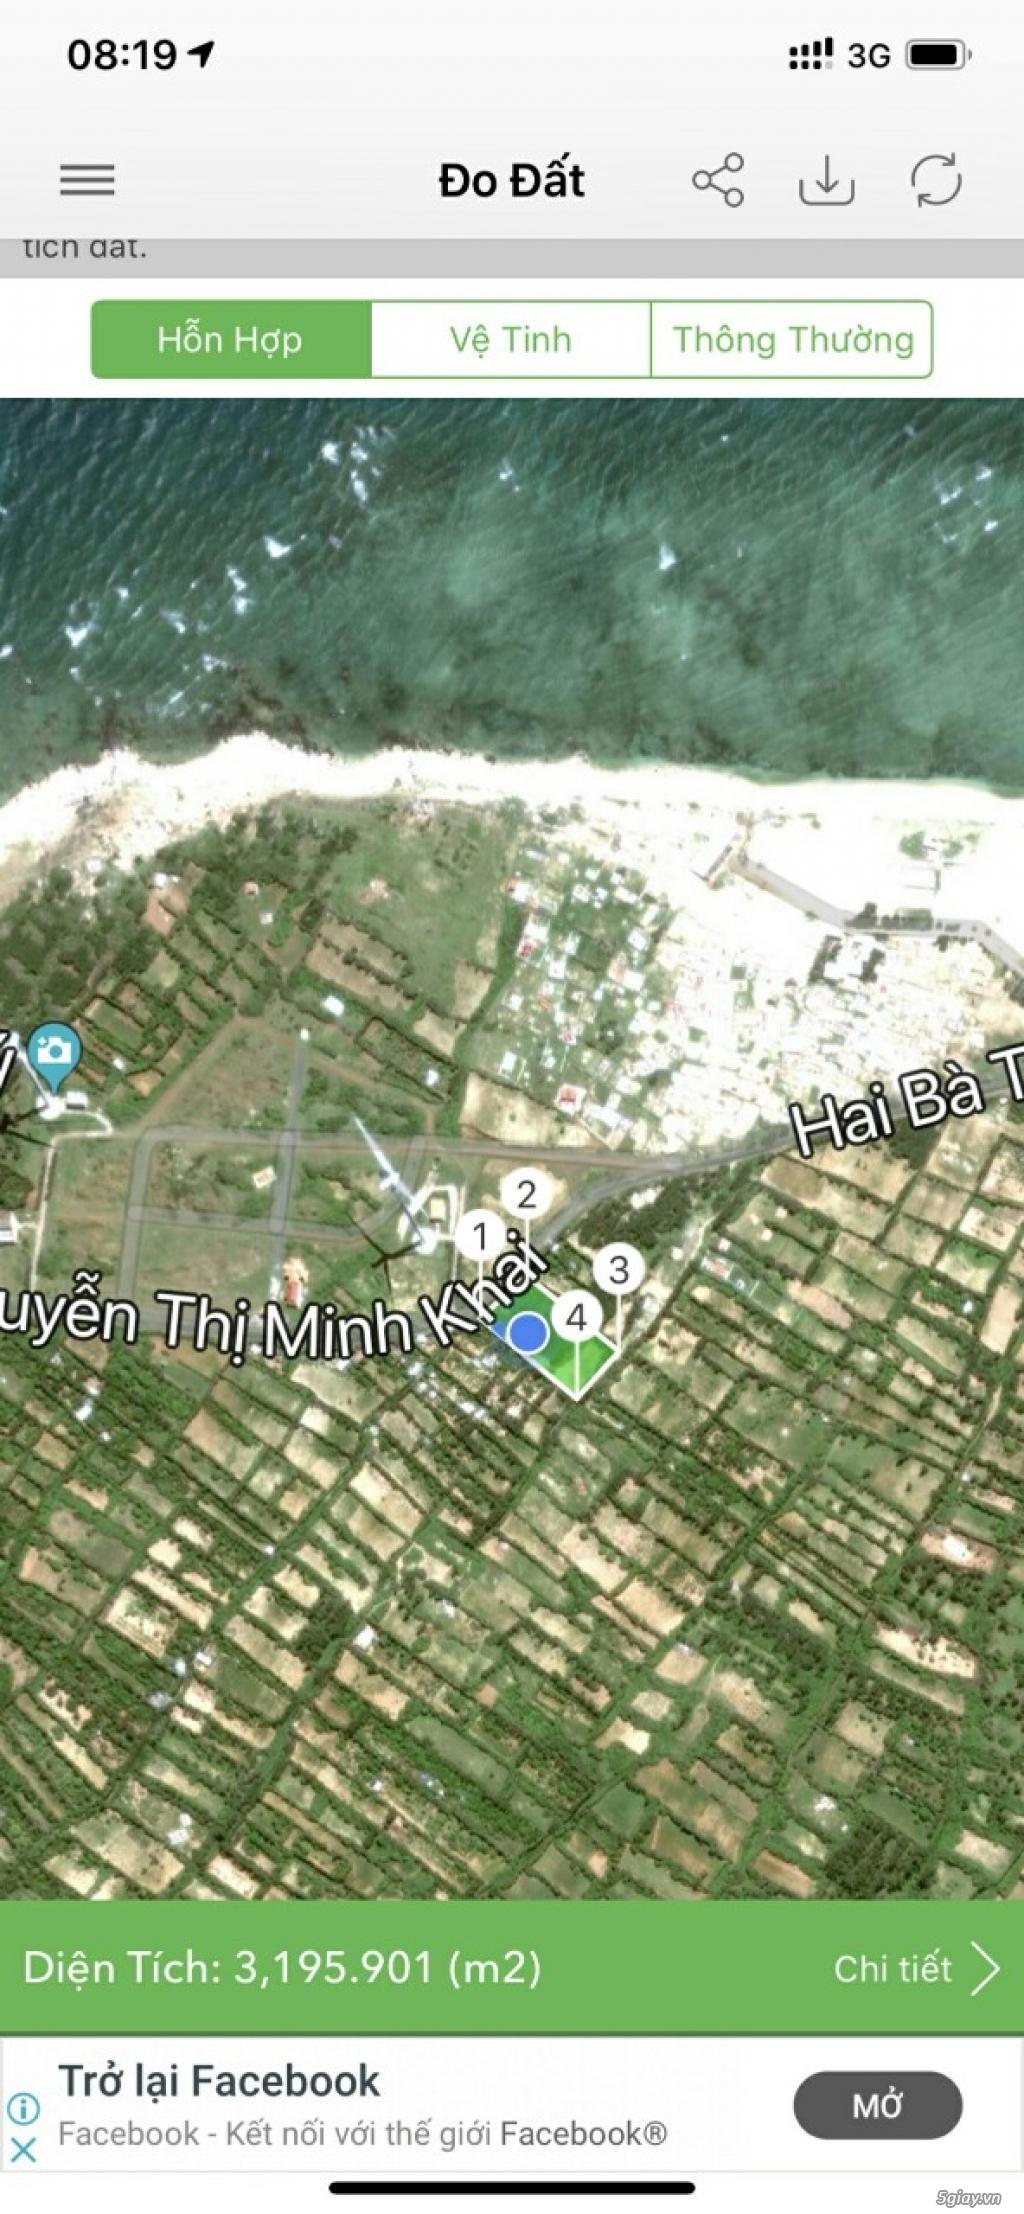 bán đất tại đảo phú quý, chính chủ bán đất mặt đường ngay Phong Điện